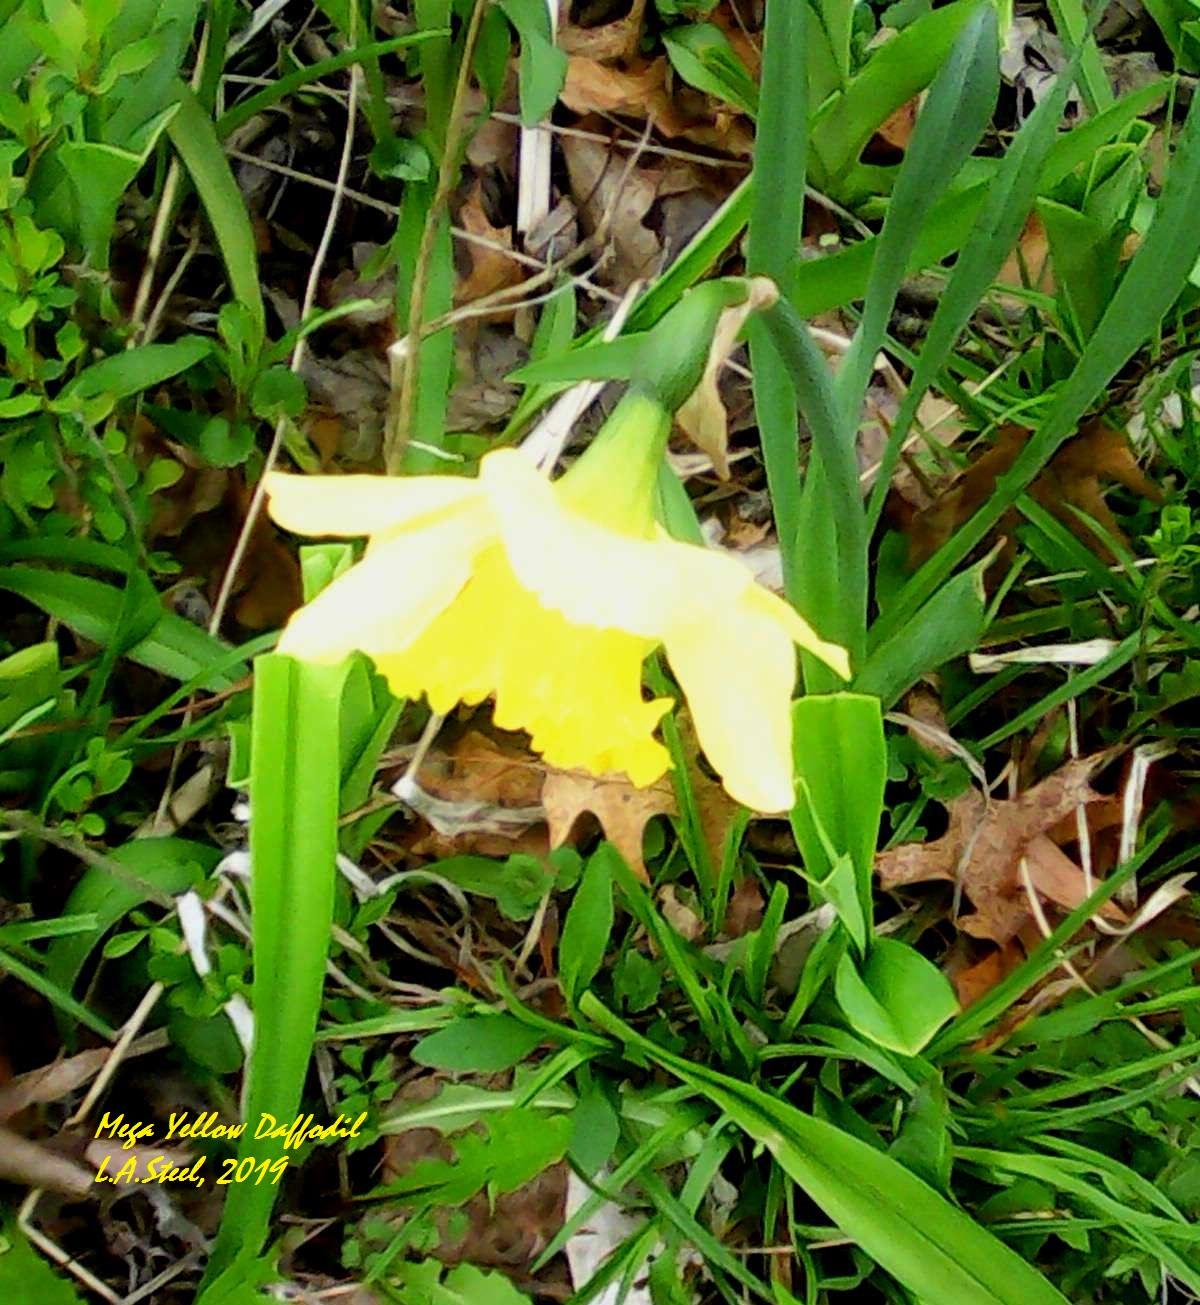 mega yellow daffodil 6